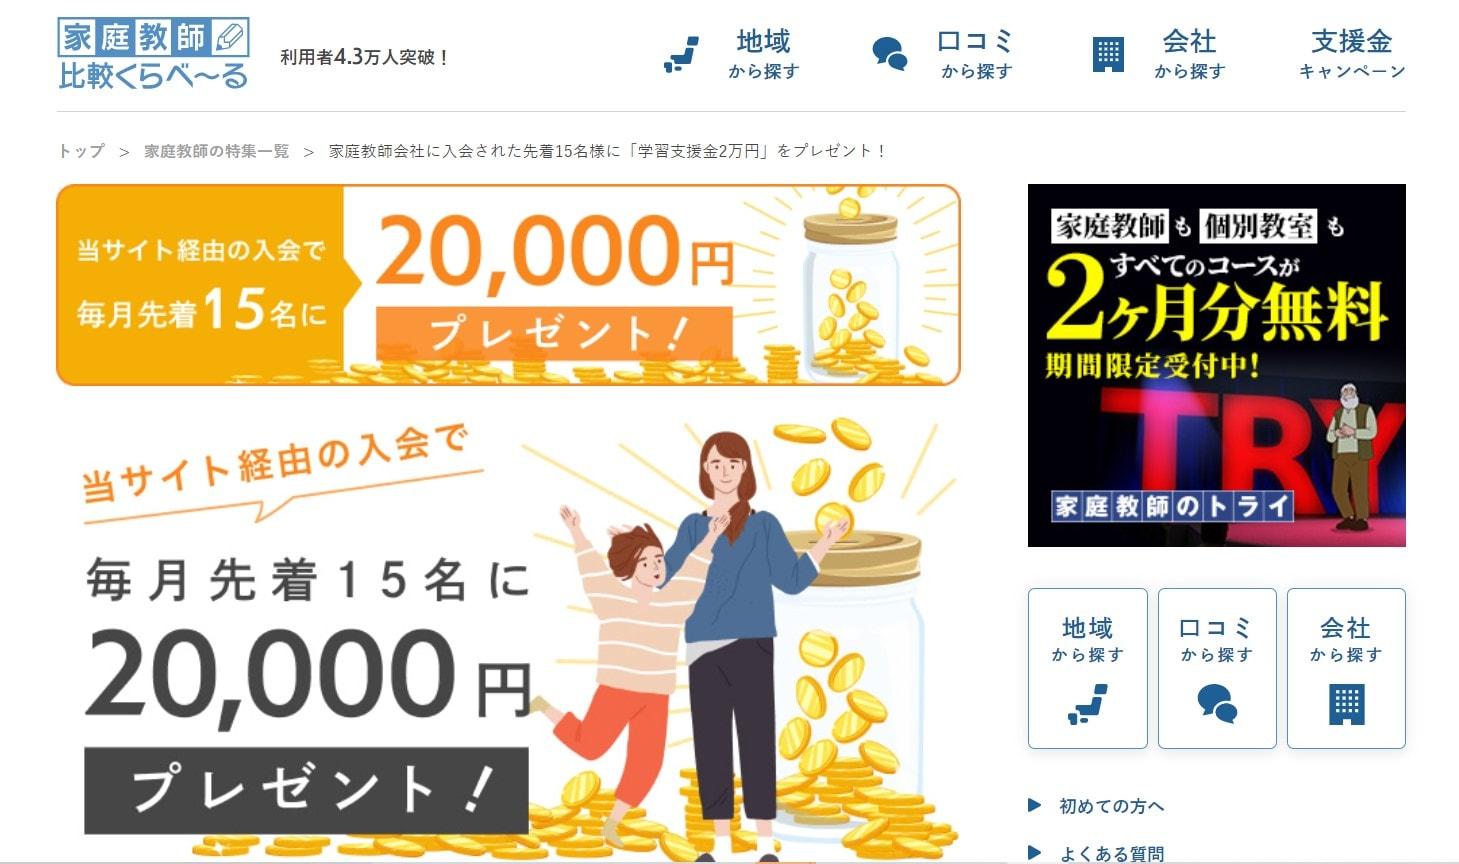 かてきょナビ経由で家庭教師を依頼すると2万円の支援金がもらえる